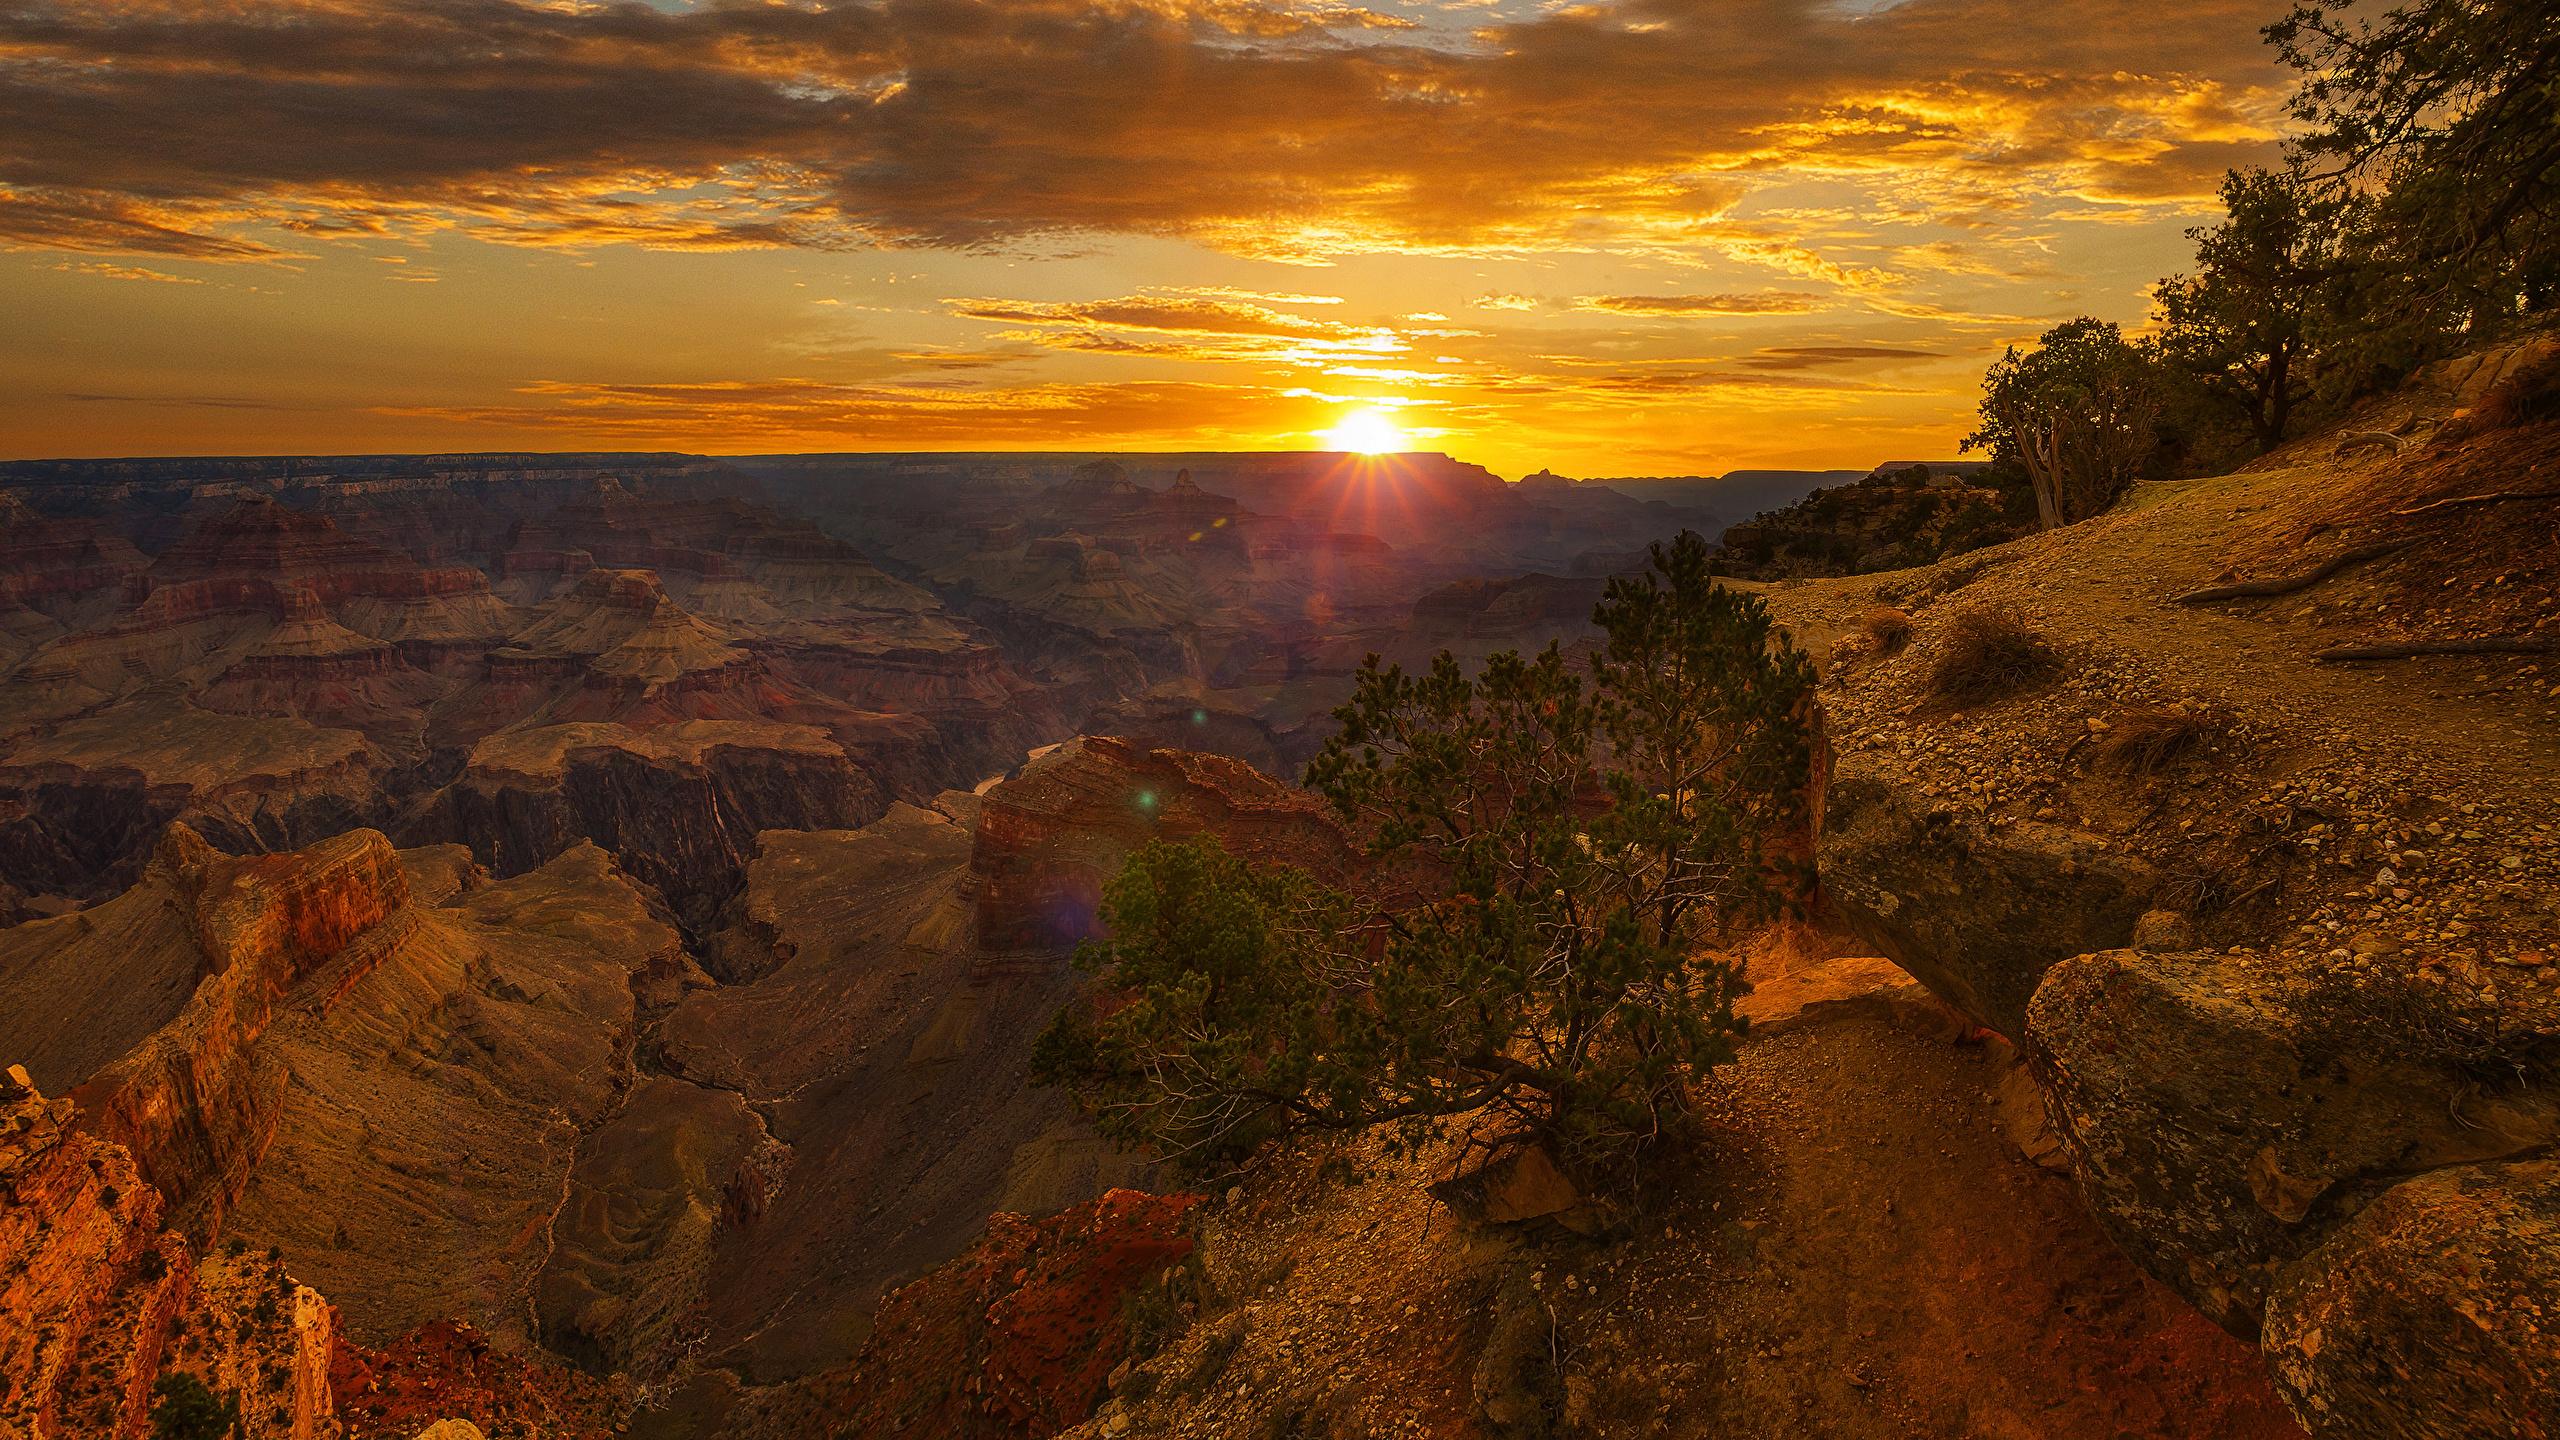 Фотографии Гранд-Каньон парк америка скале Природа каньоны парк Рассветы и закаты кустов 2560x1440 США штаты Утес скалы Скала Каньон каньона Парки рассвет и закат Кусты